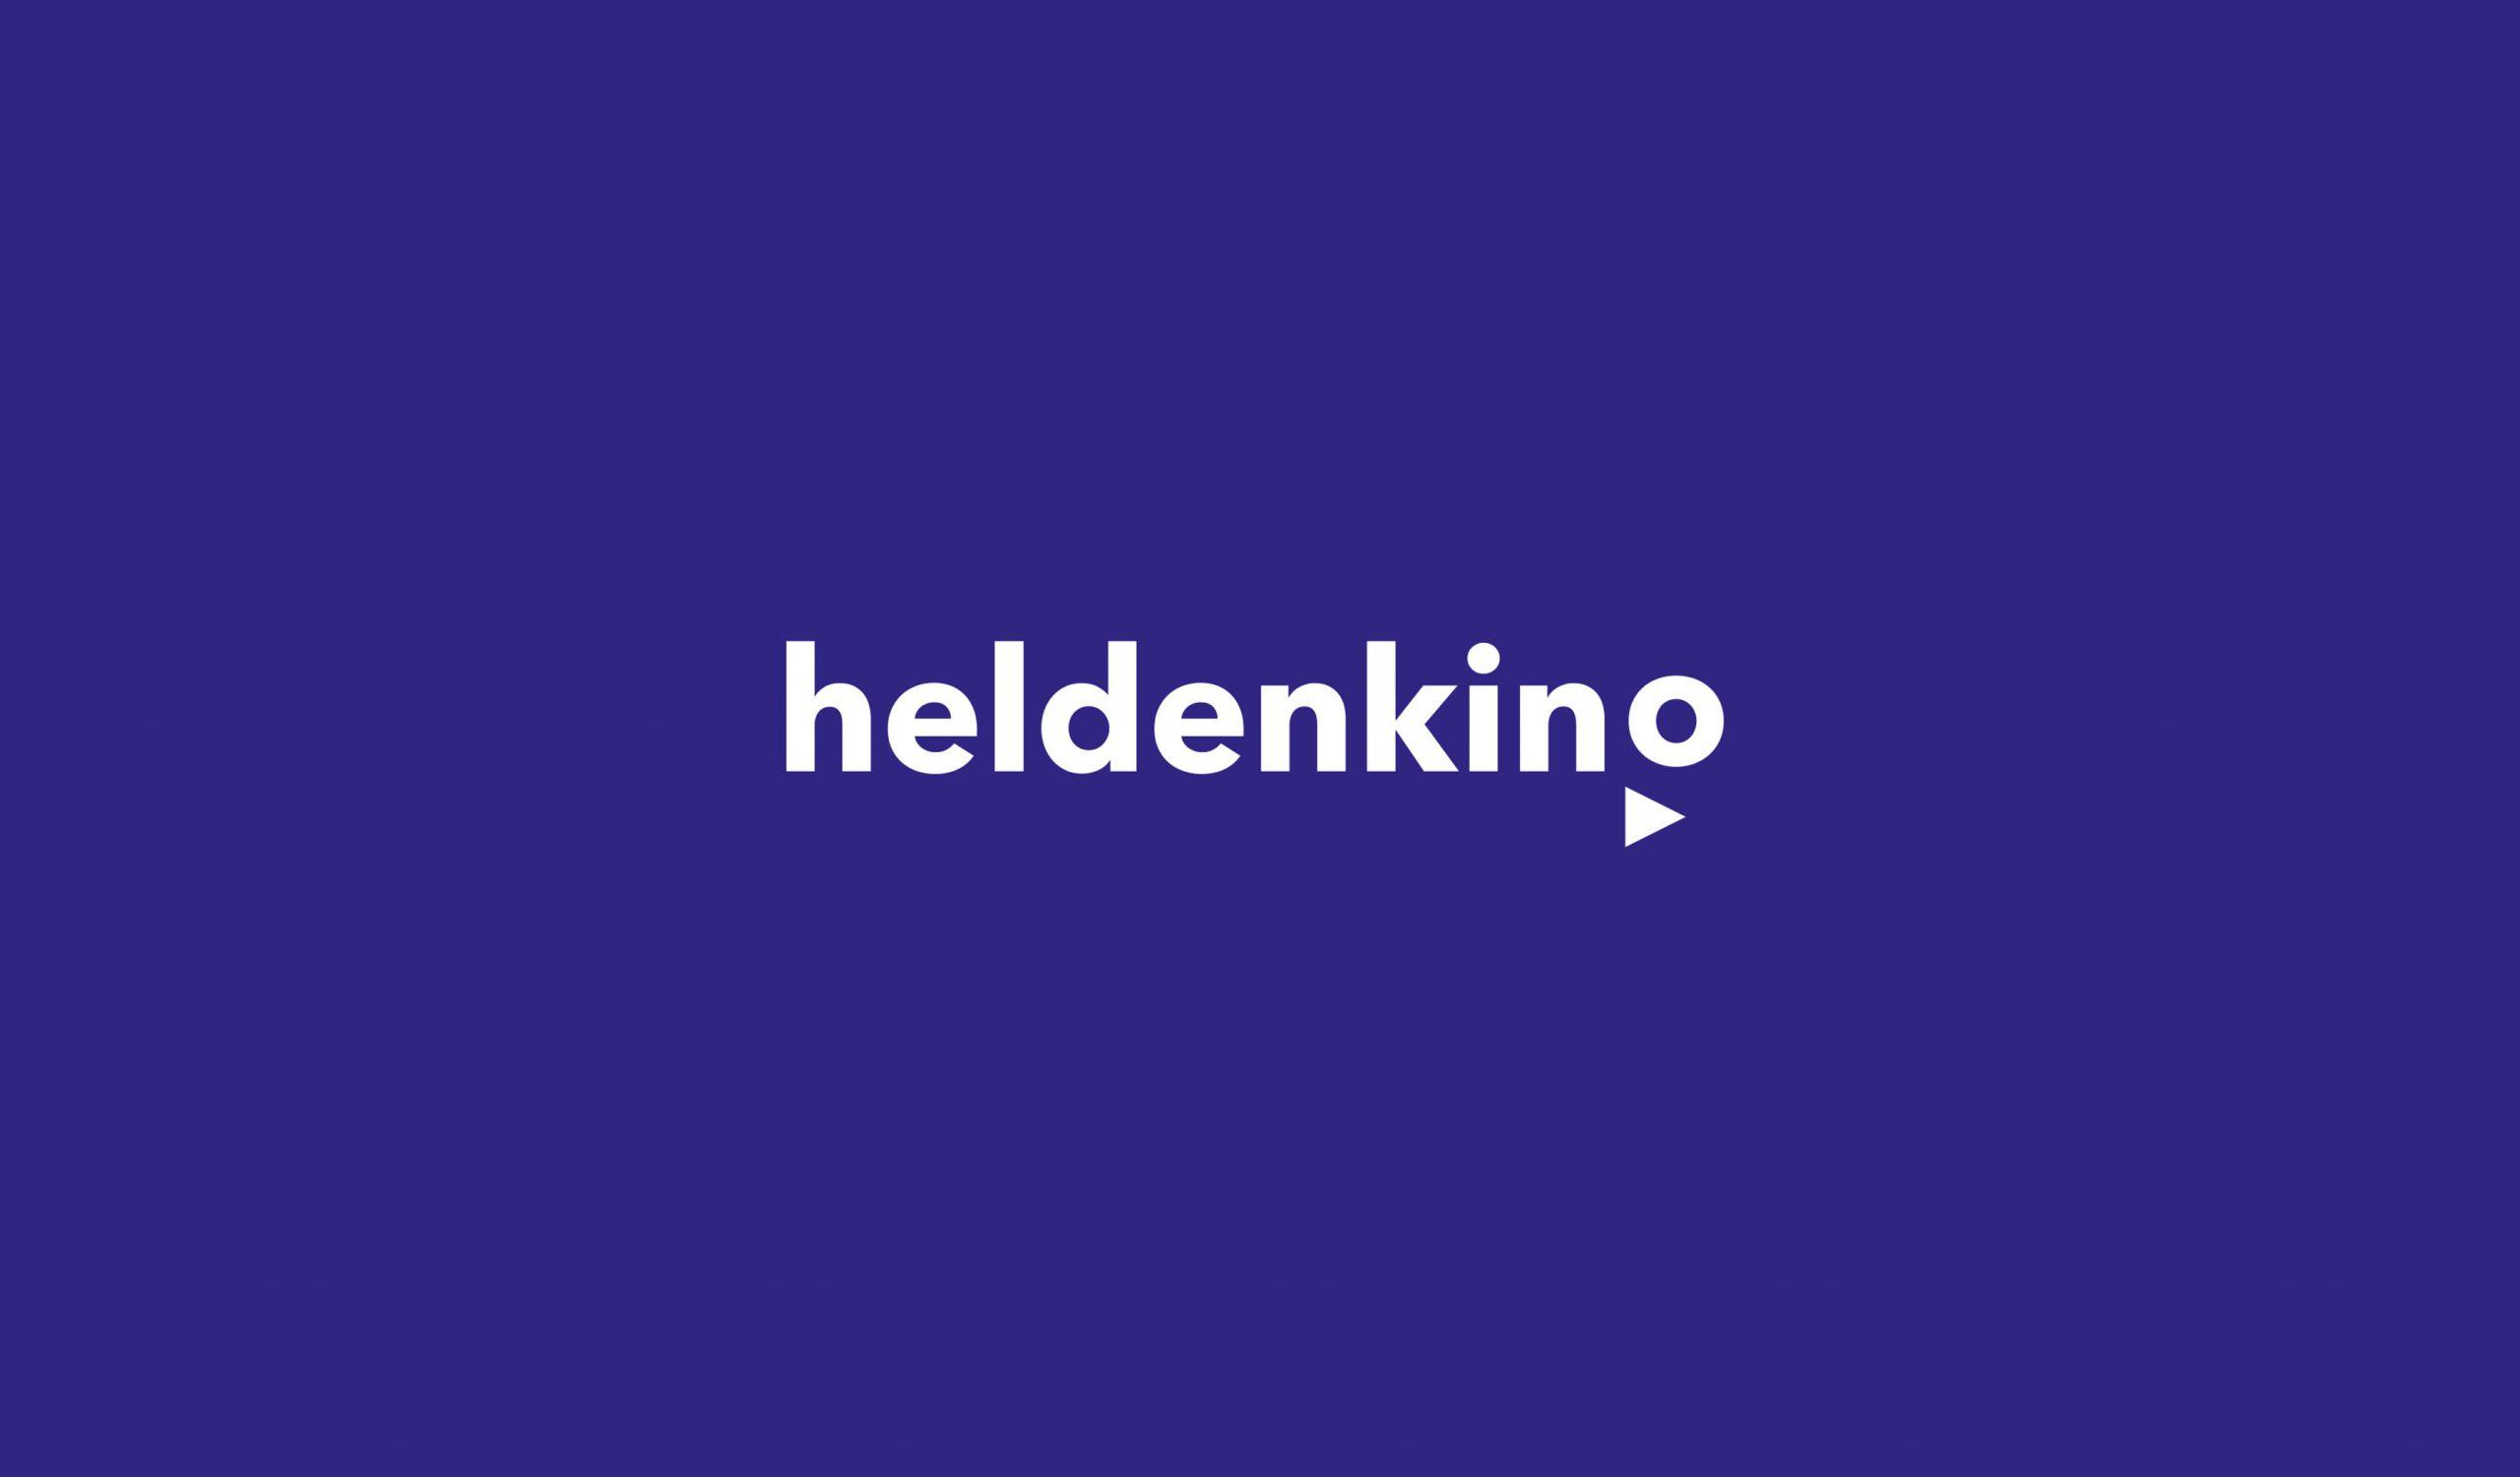 1170_780_heldenkino11